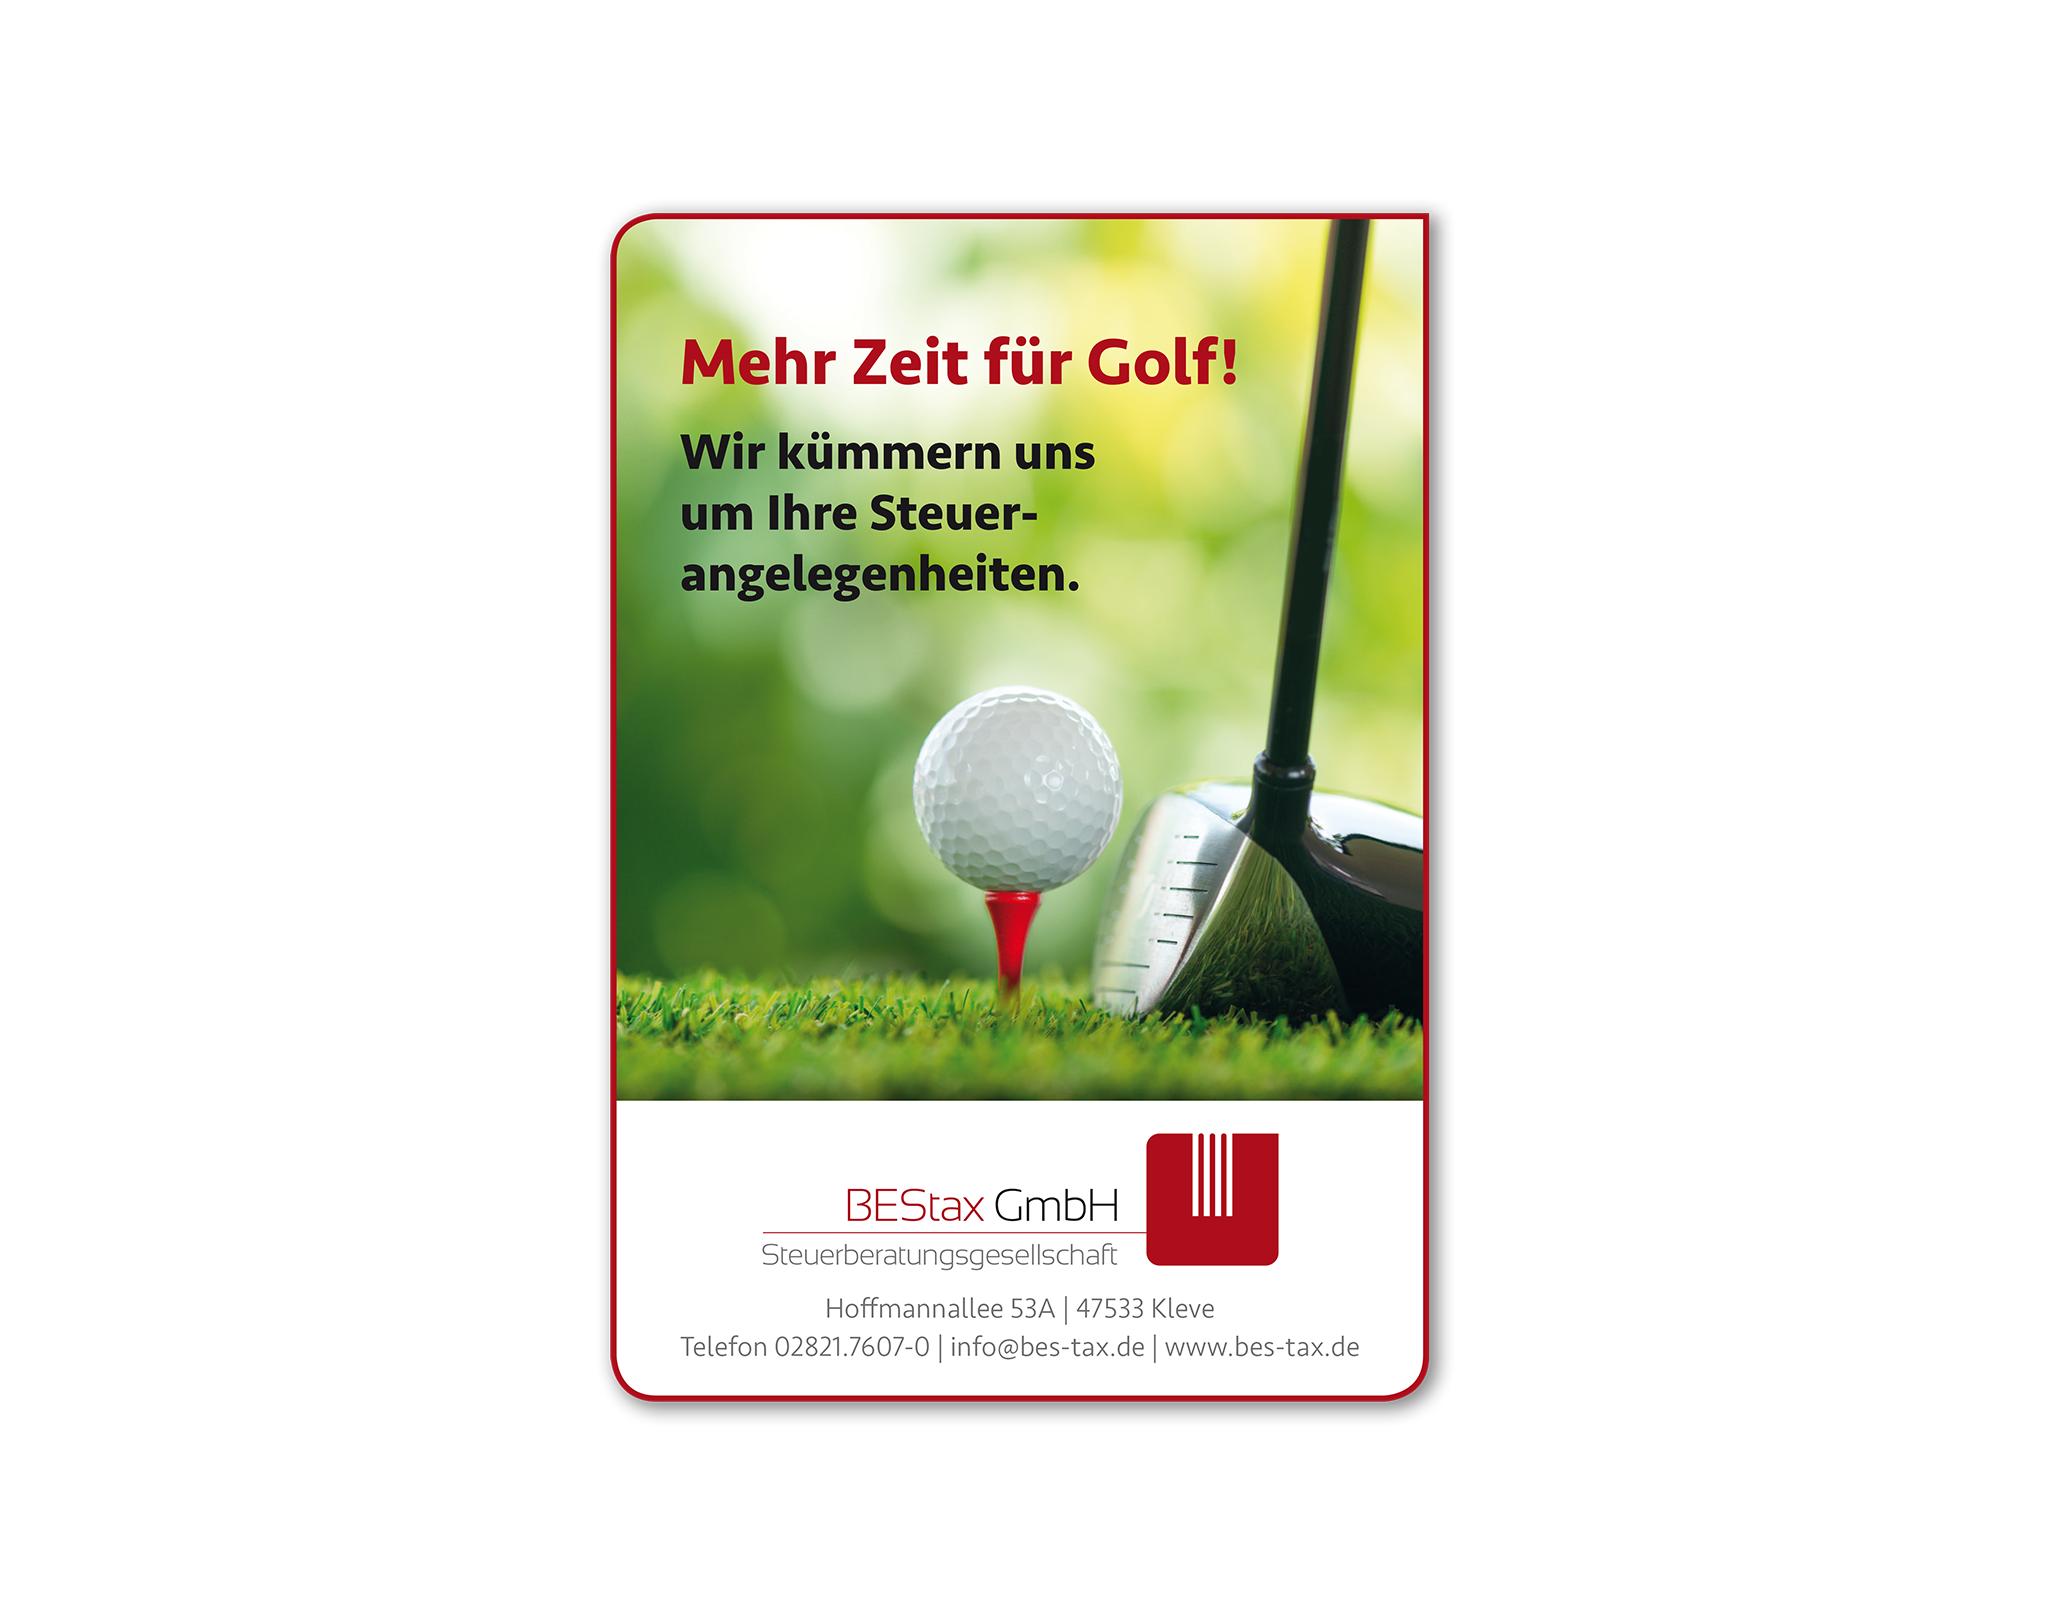 regel-design-bestax-anzeige-golf